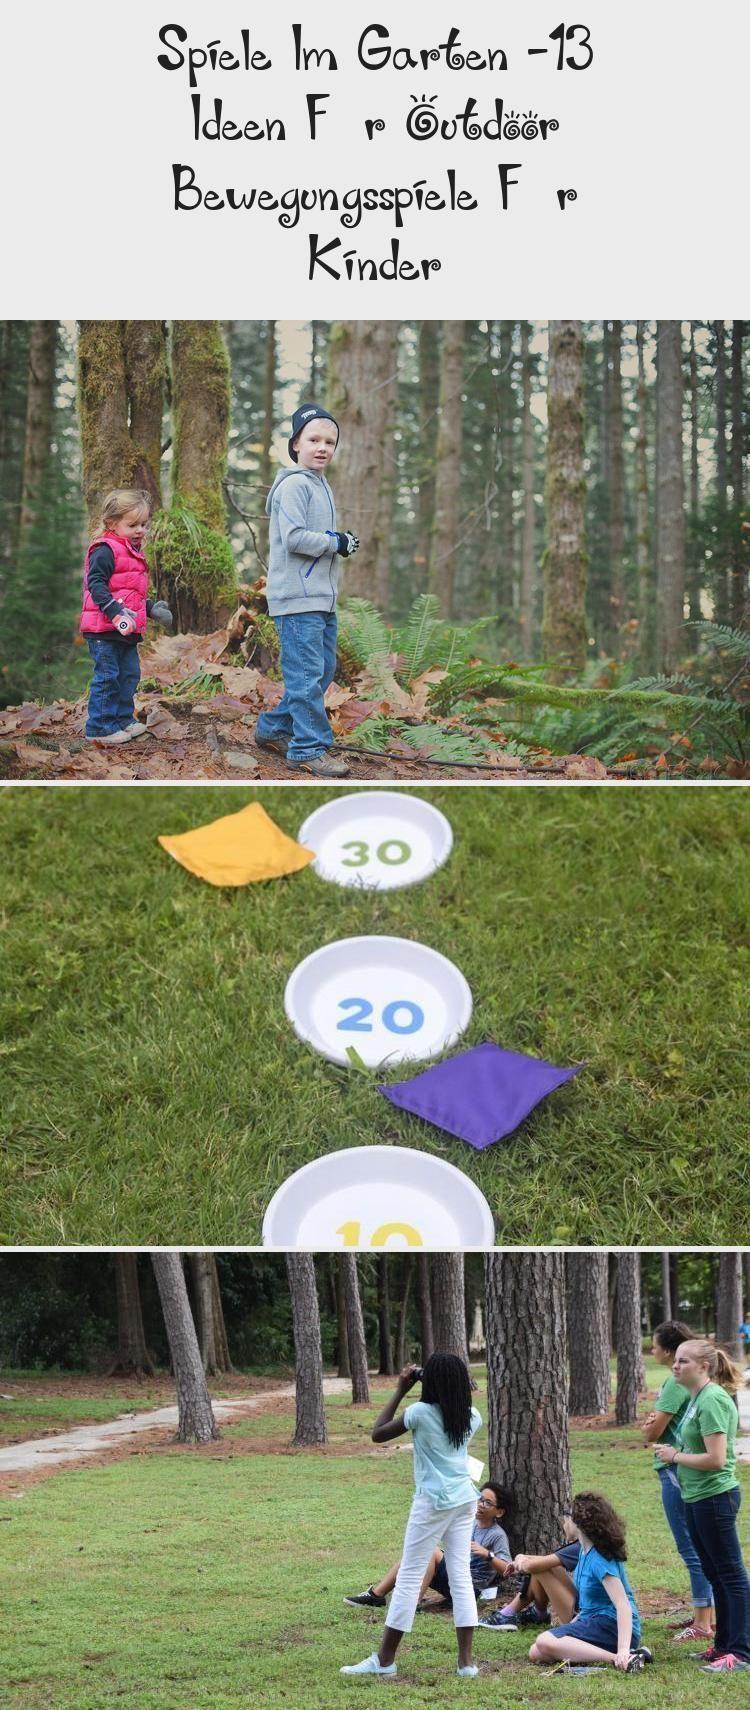 Spiele Im Garten 13 Ideen Fur Outdoor Ubungsspiele Fur Kinder Sandbox In 2020 Spiele Im Garten Outdoor Training Spiele Fur Kinder